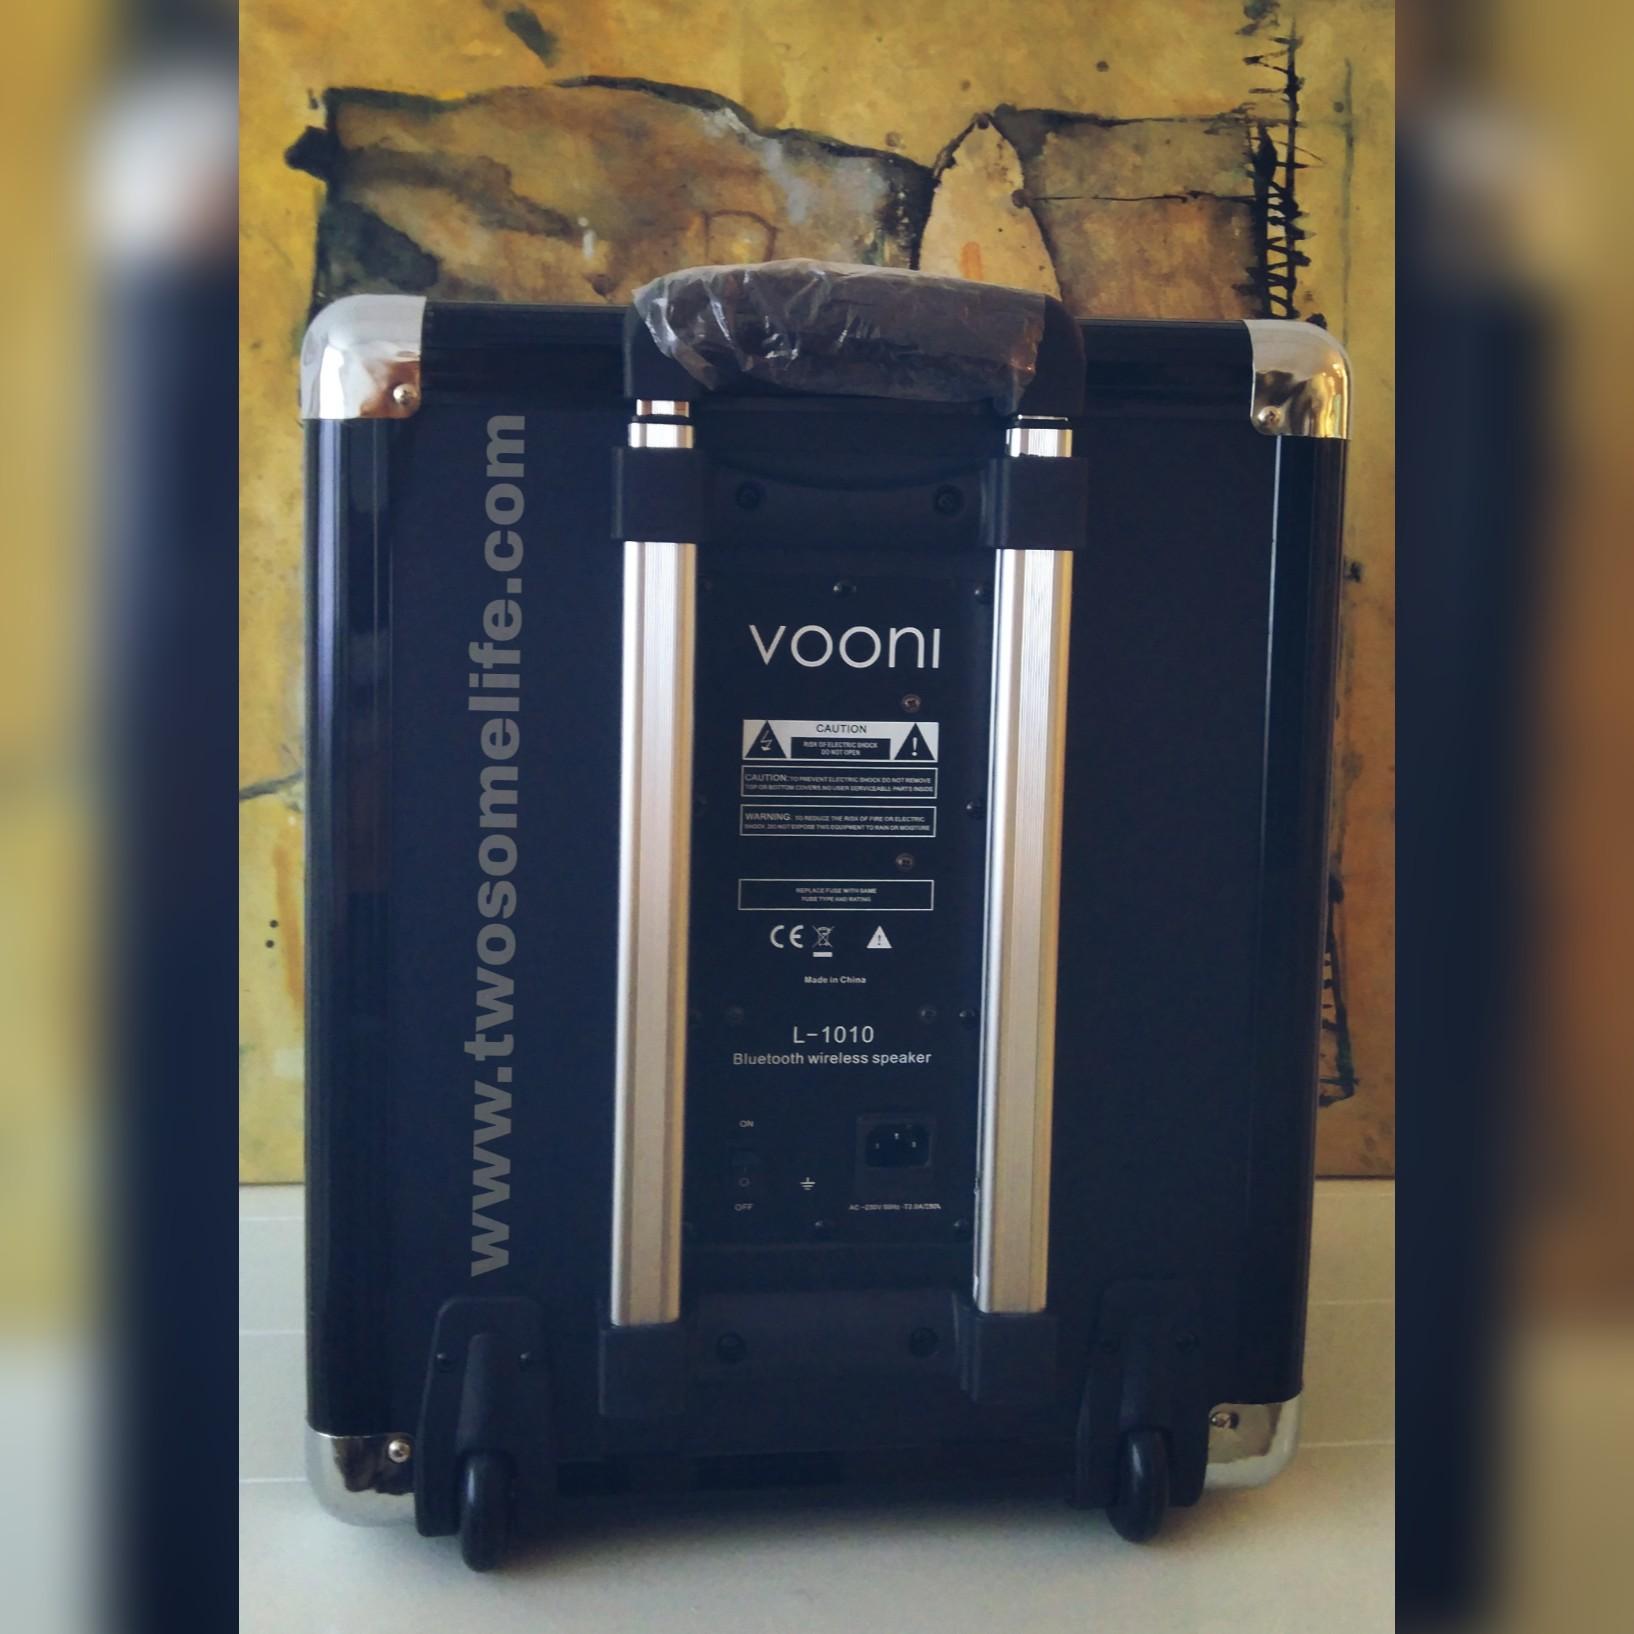 Vooni City Rocker - Mobile speaker review